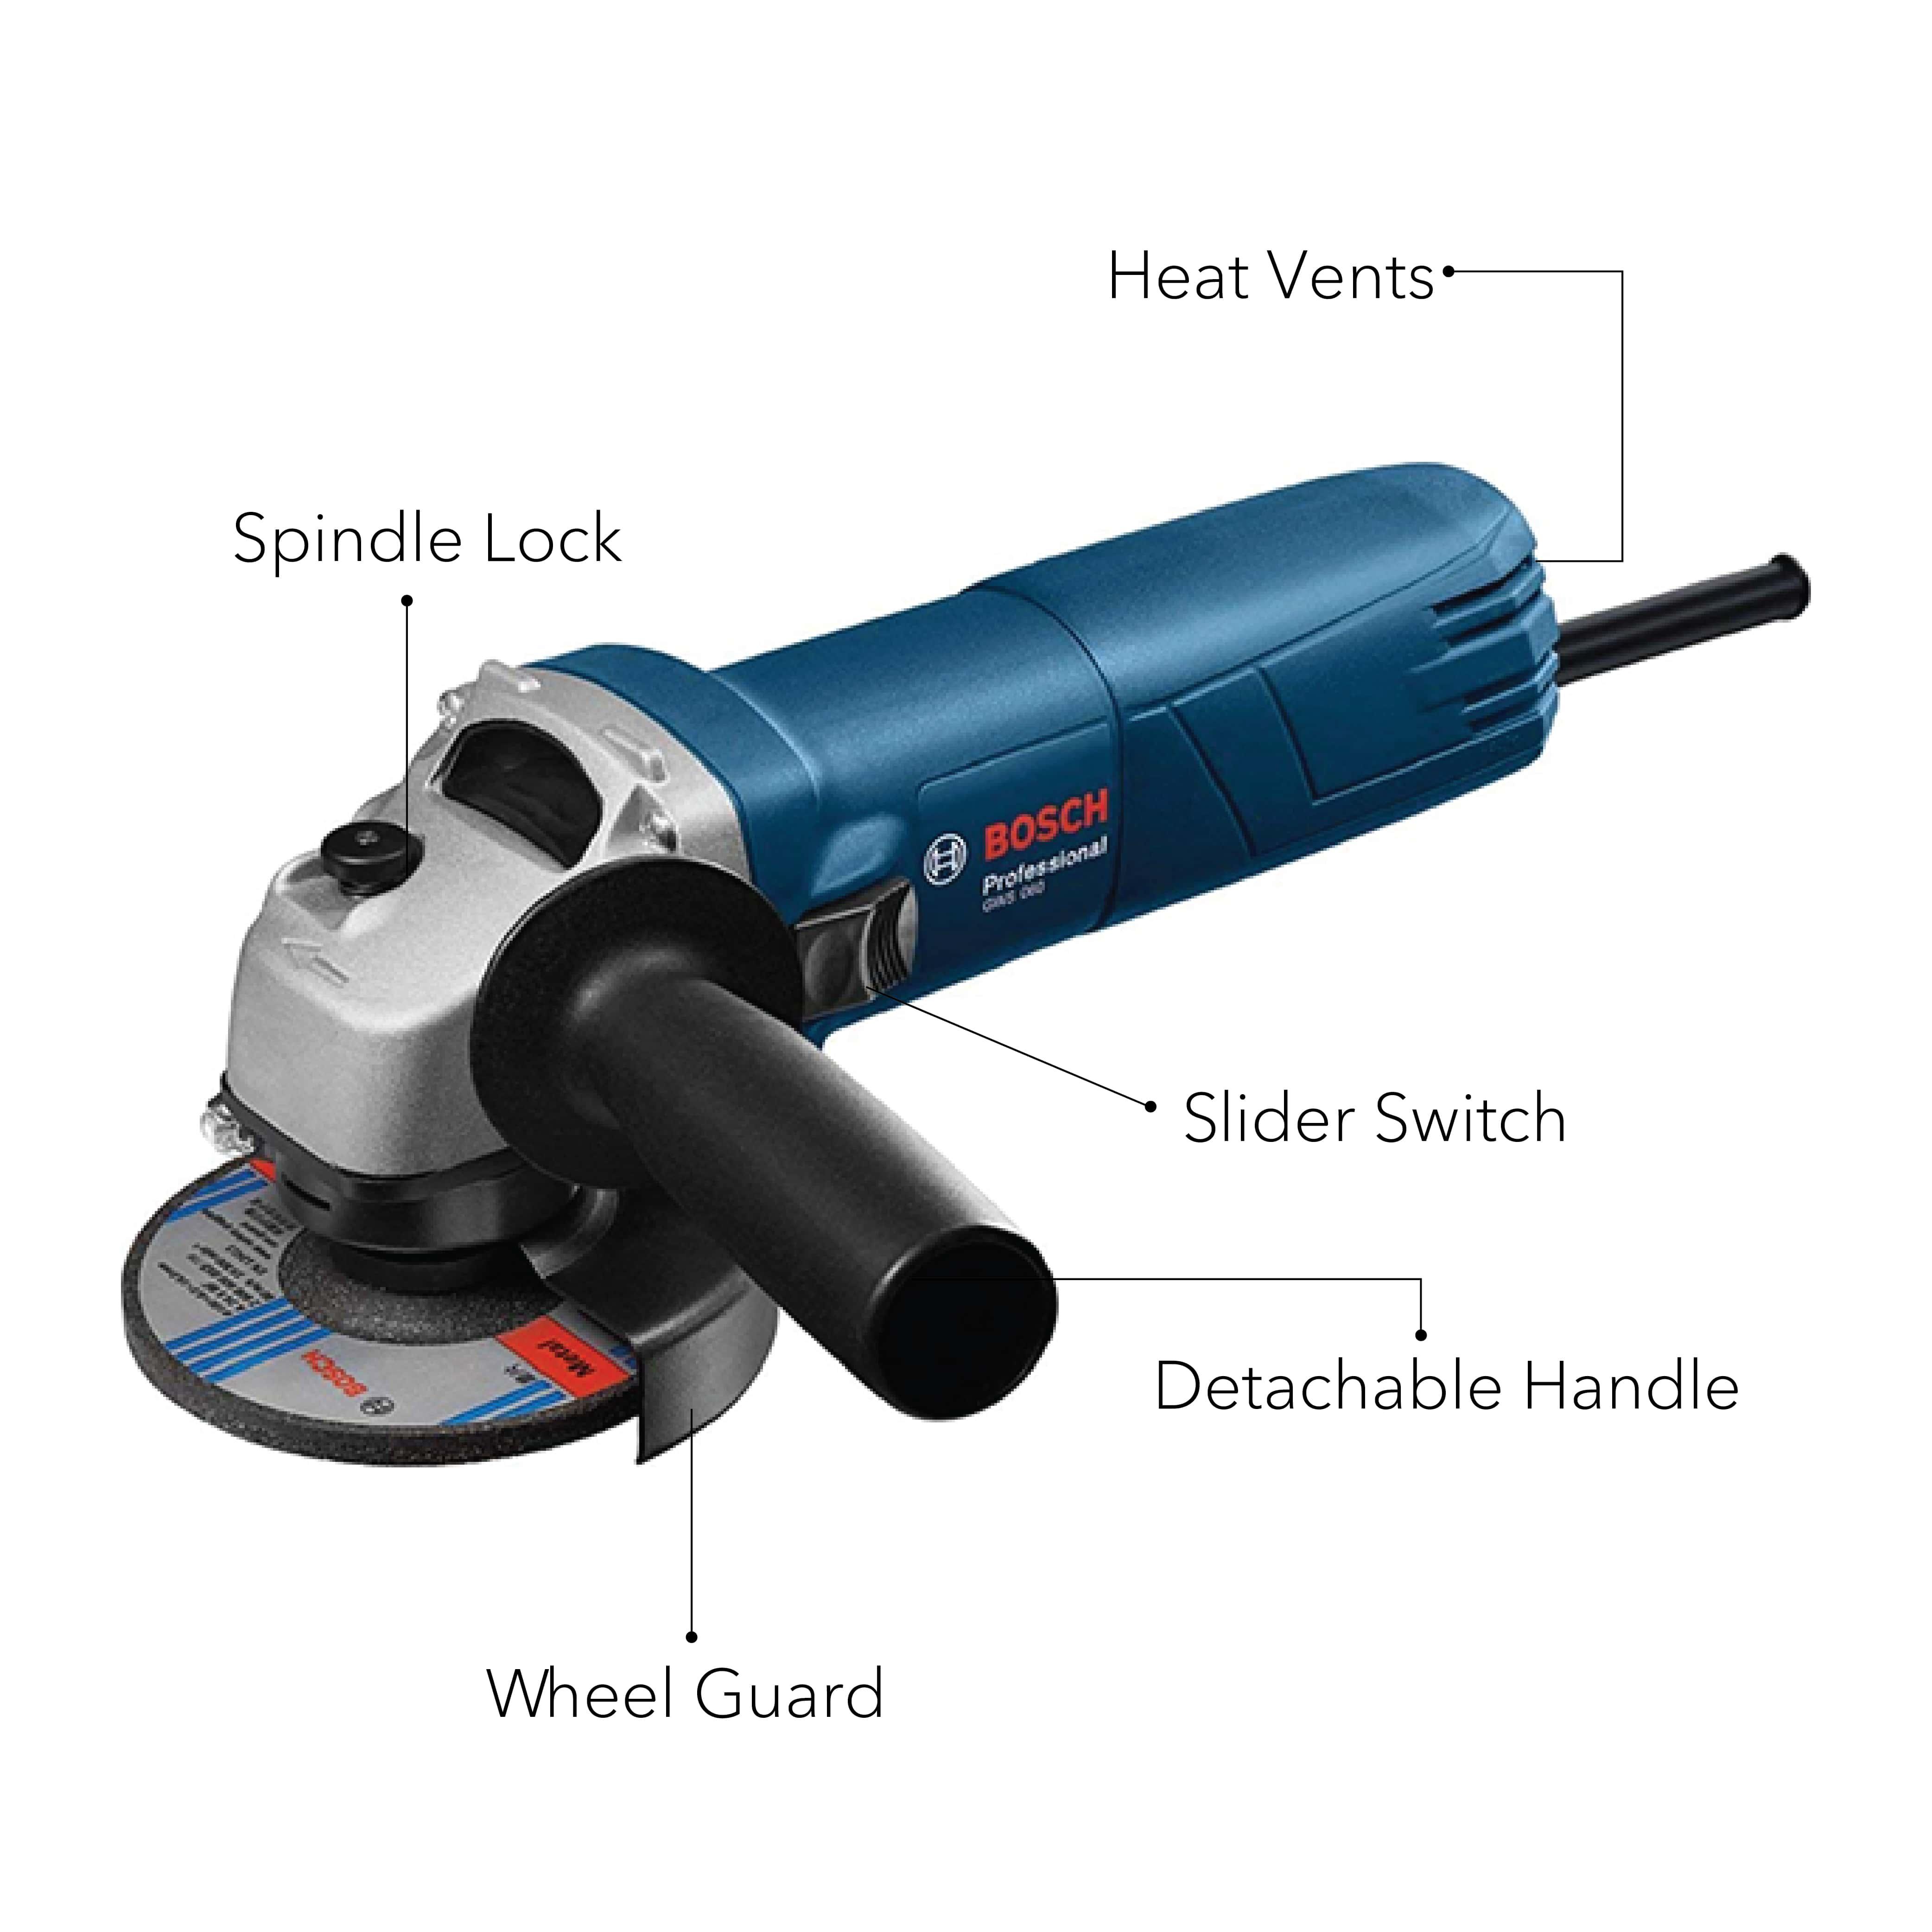 Bosch GW600 Angle Grinder